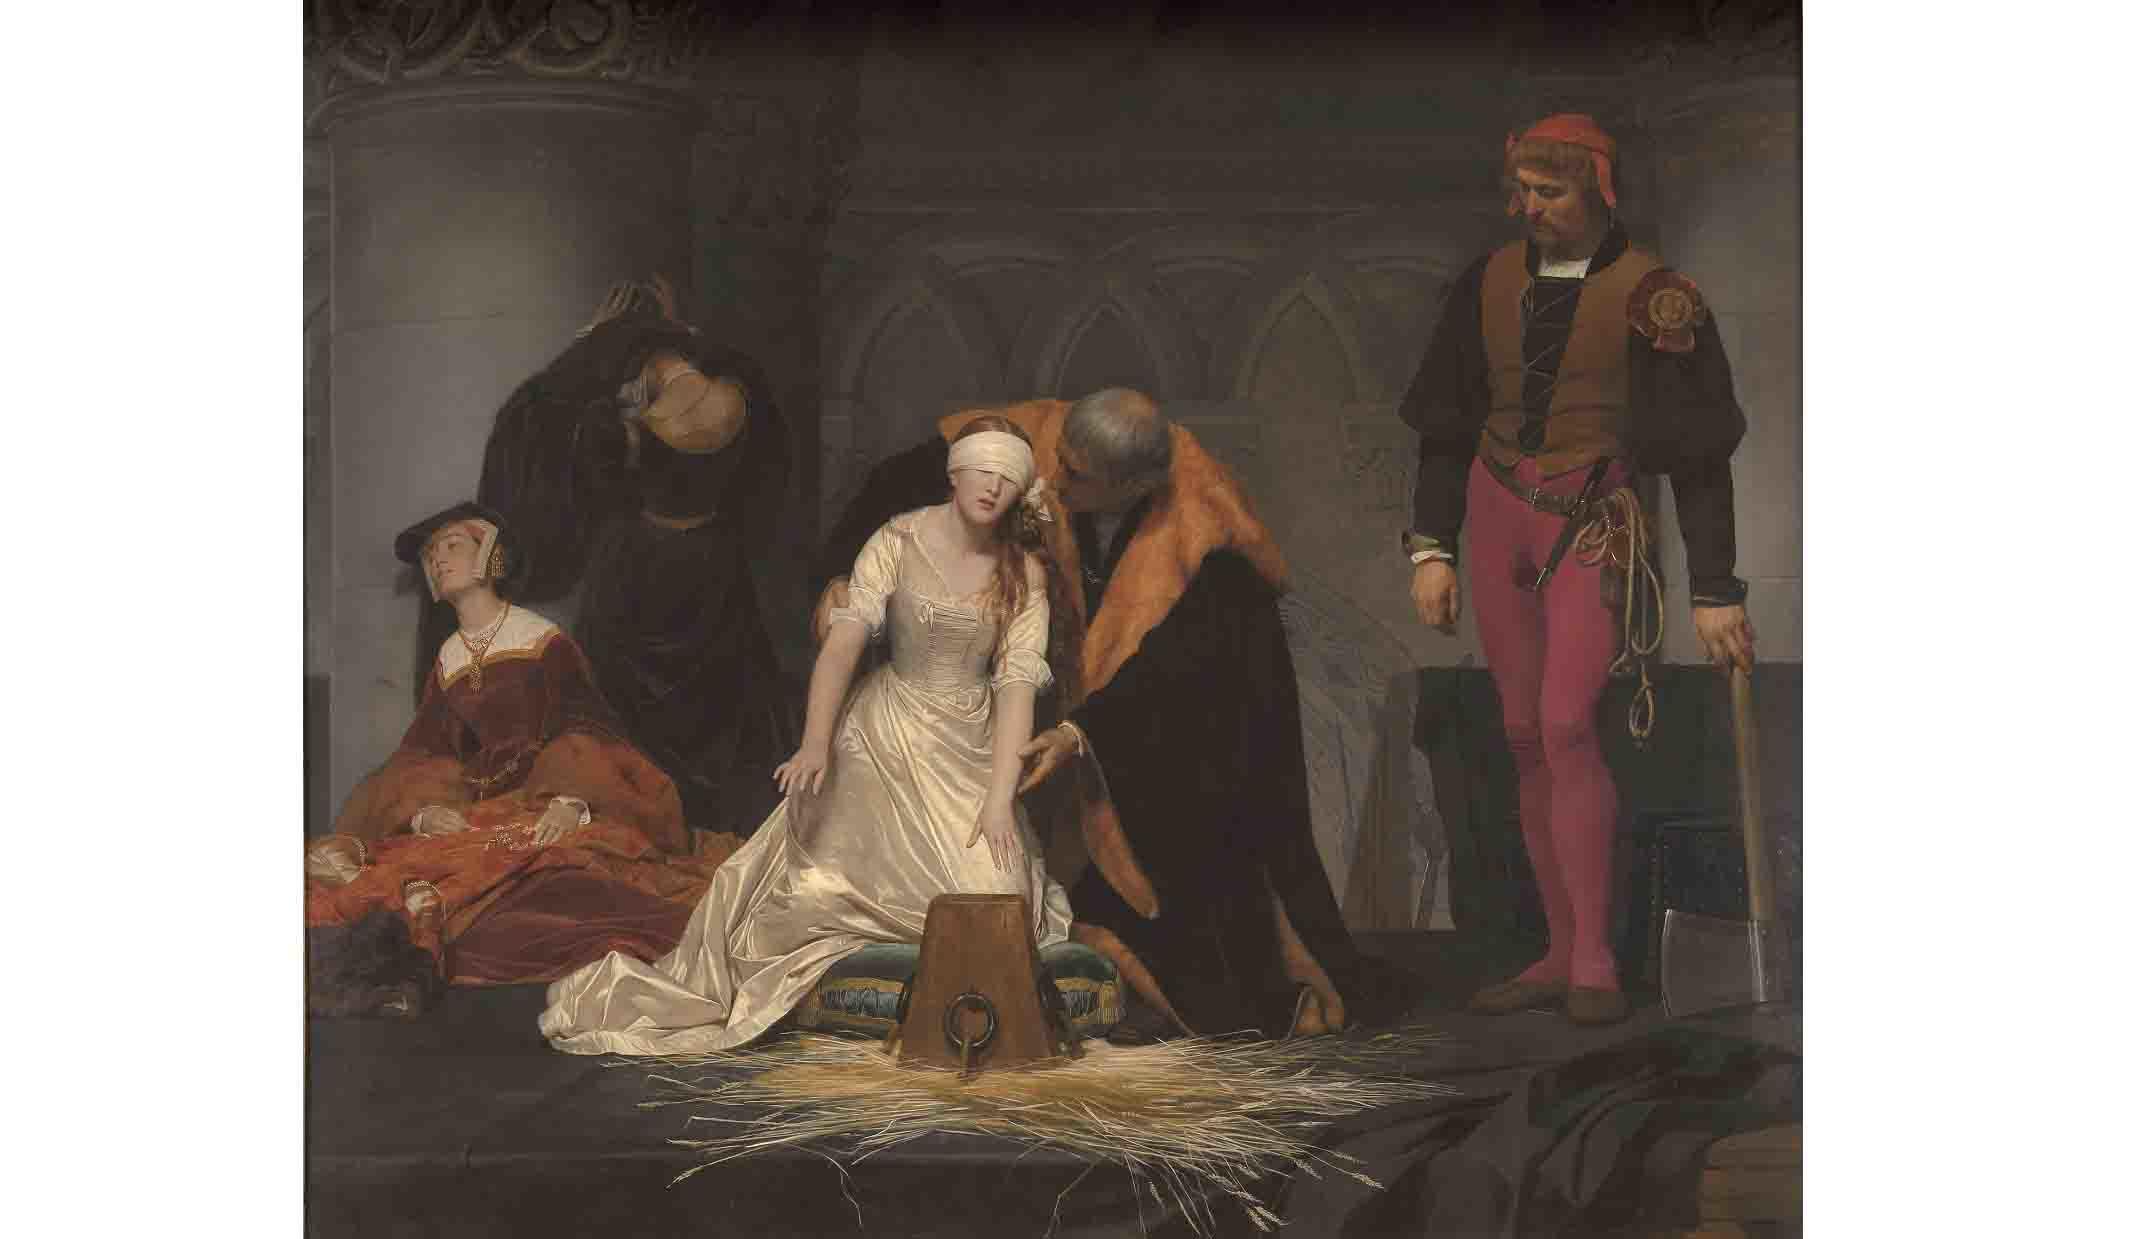 ポール・ドラローシュの作品『レディ・ジェーン・グレイの処刑』